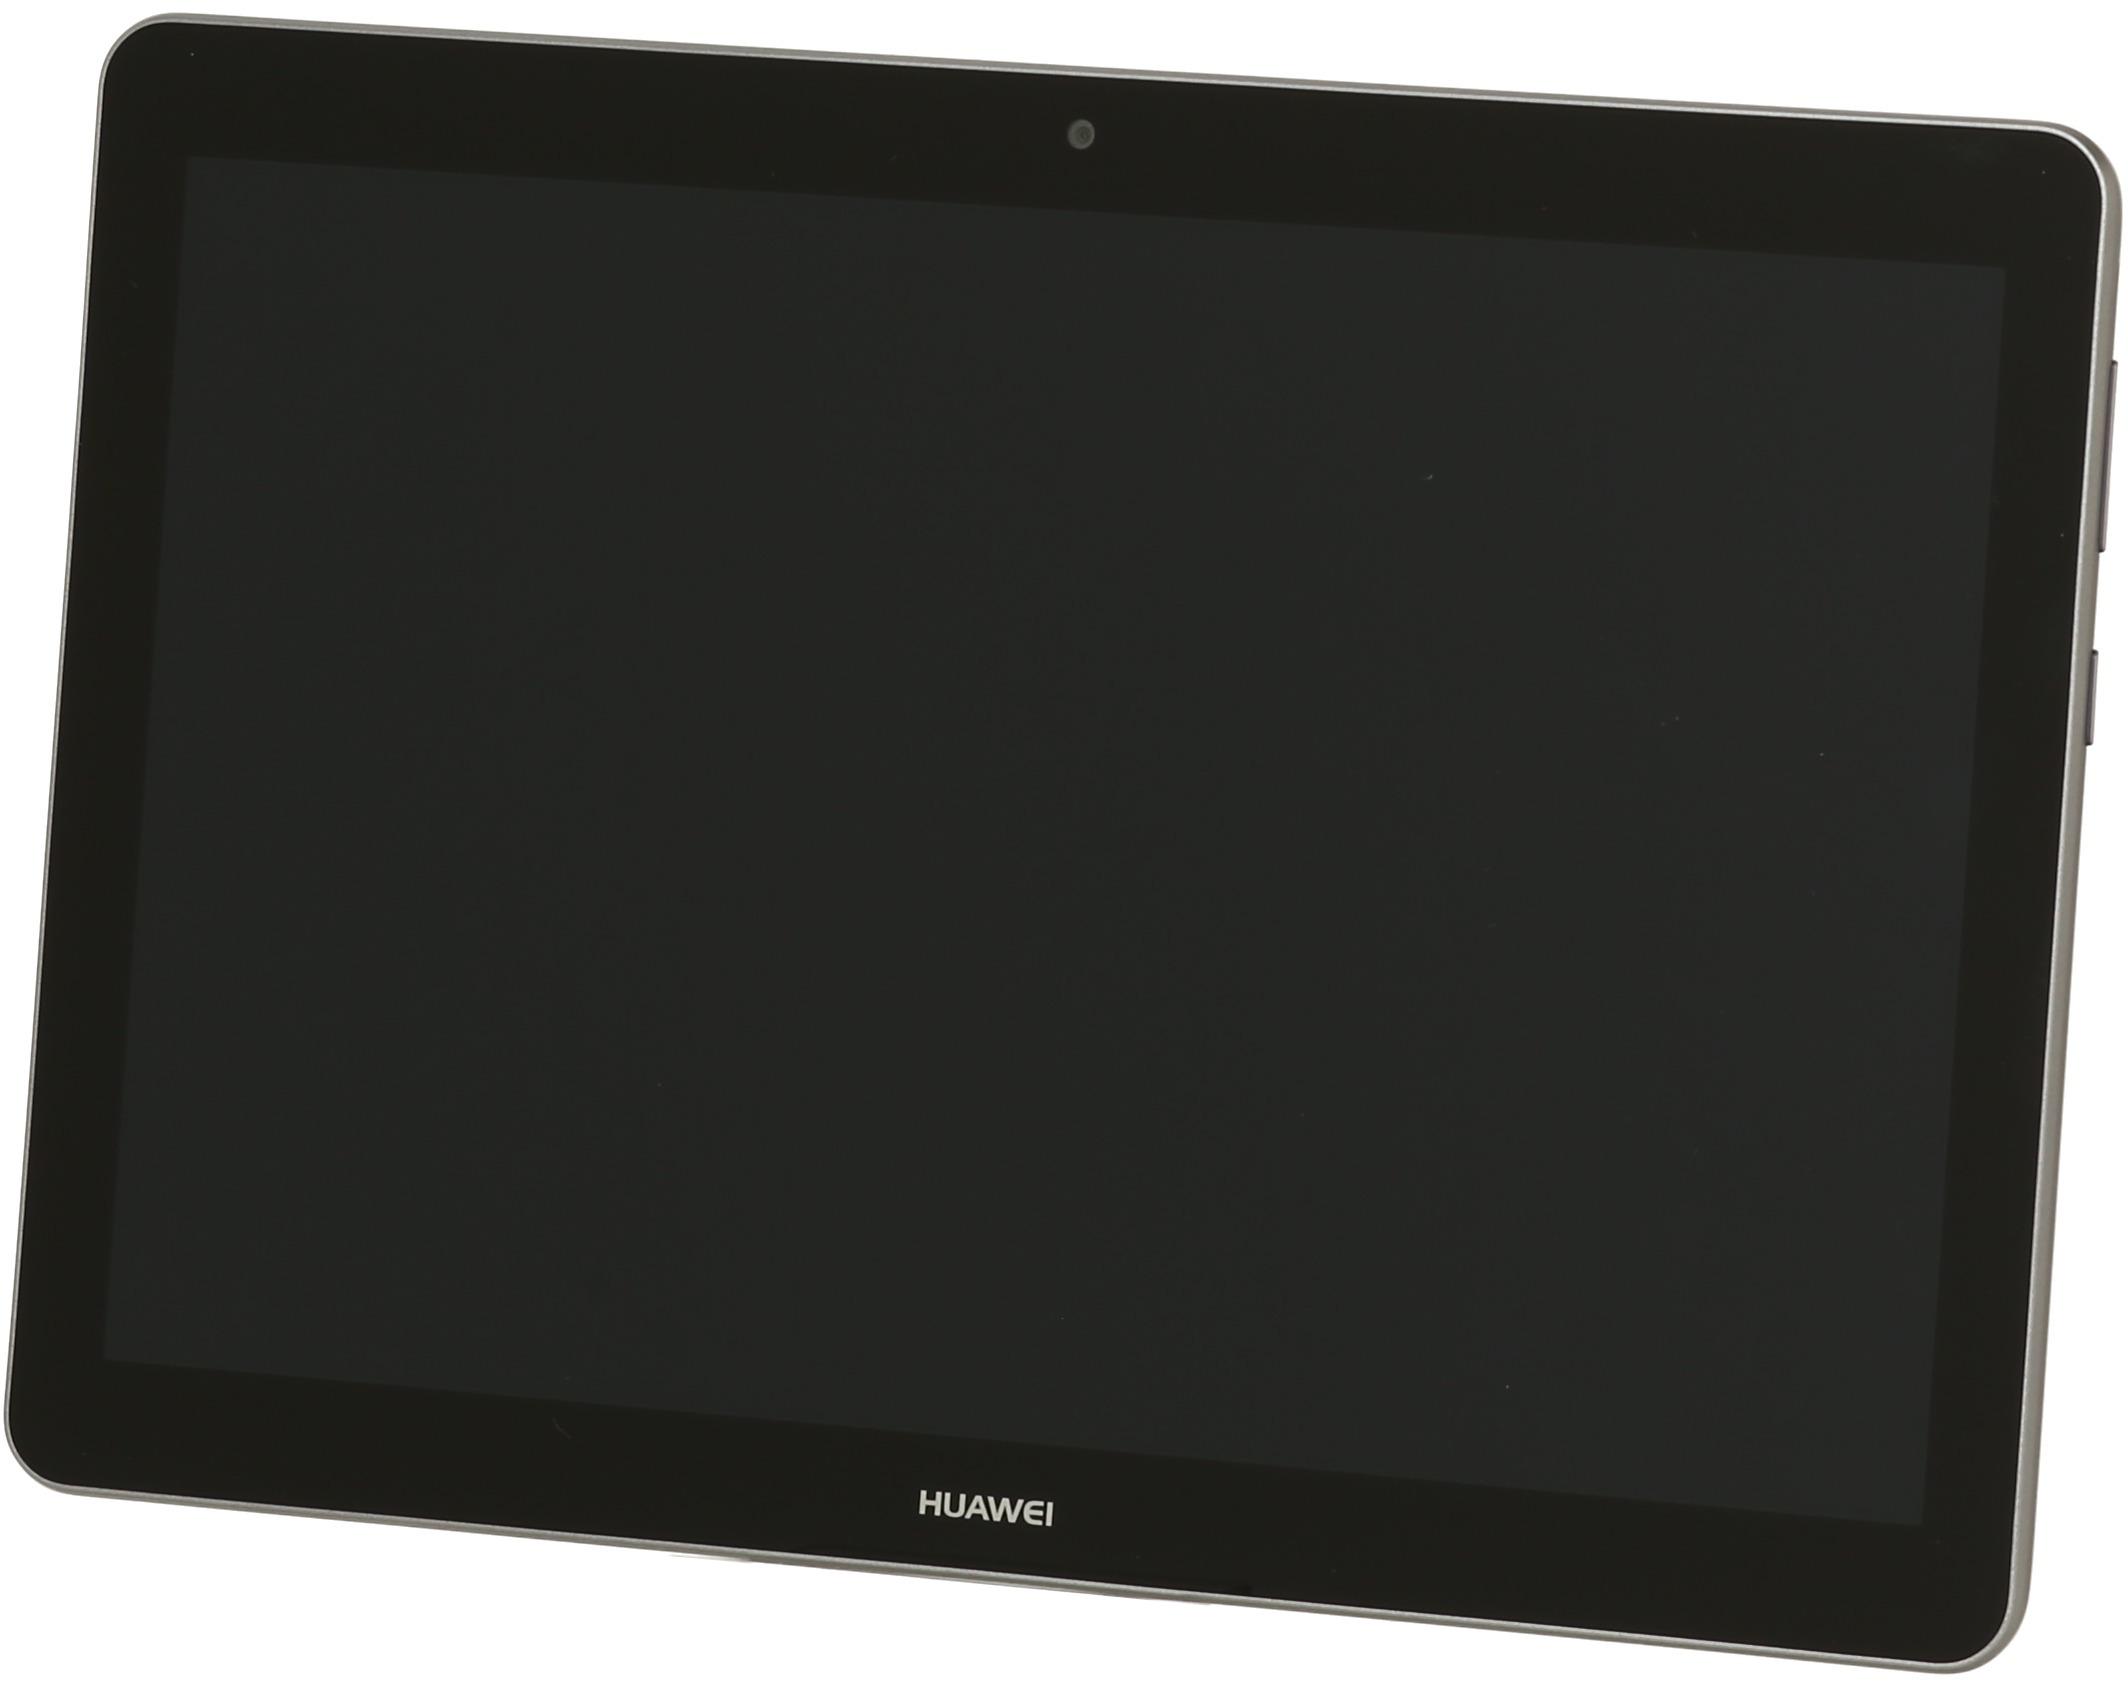 Huawei MediaPad T3 10 9,6 16GB [Wi-Fi] space gray